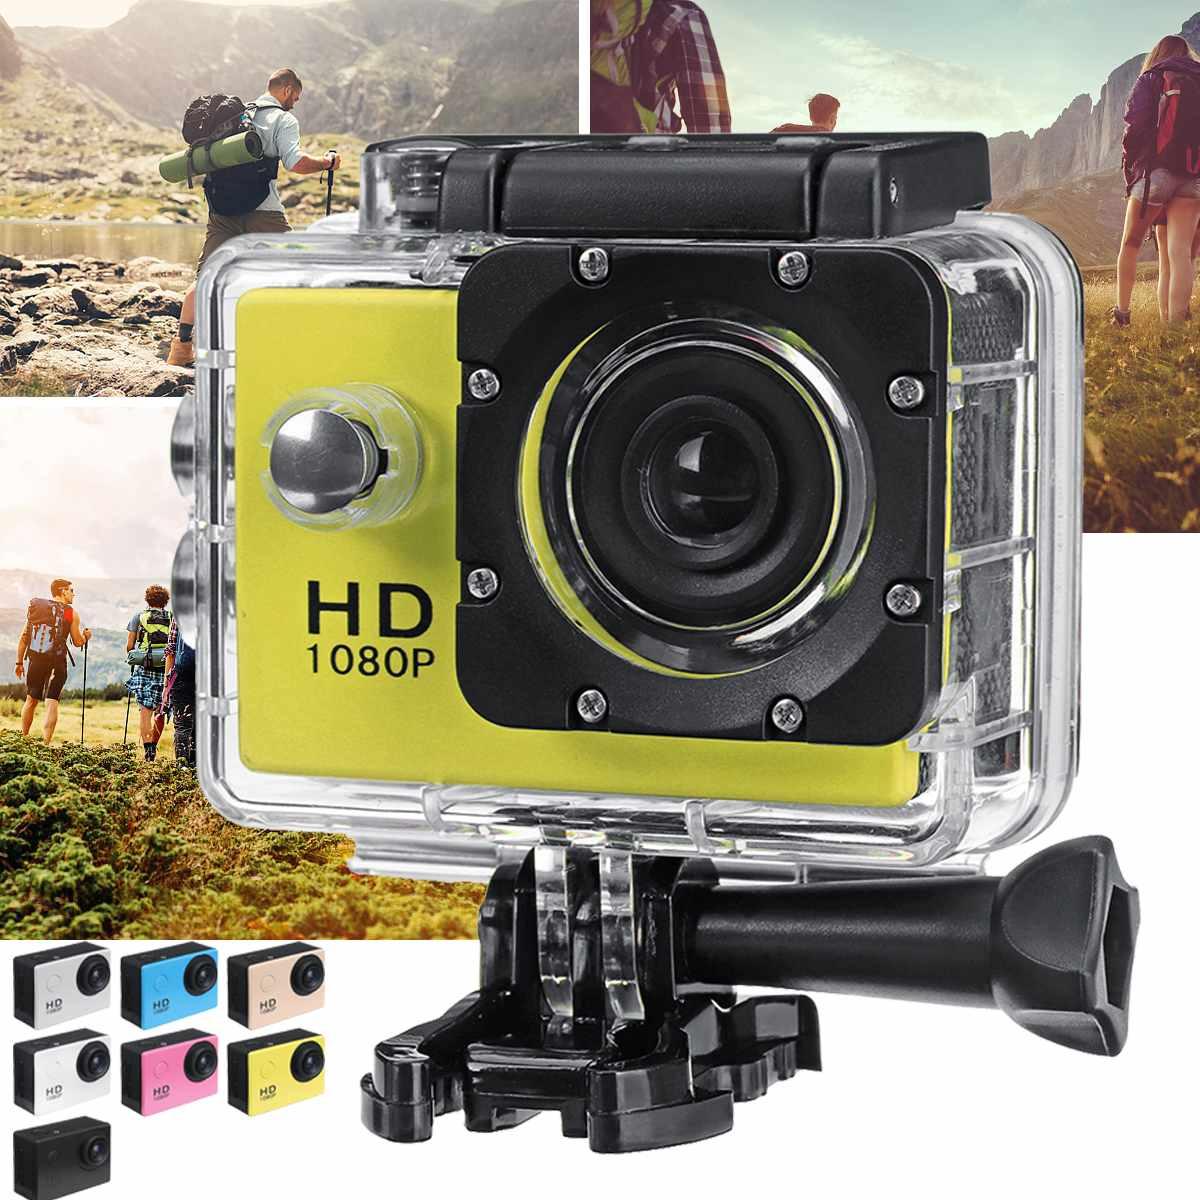 4K 1080P 2.0 ''กล้องบันทึกภาพหน้าจอ LCD กันน้ำกลางแจ้งสกีขับรถกีฬา DV กล้องวิดีโอมัลติฟังก์ชั่น